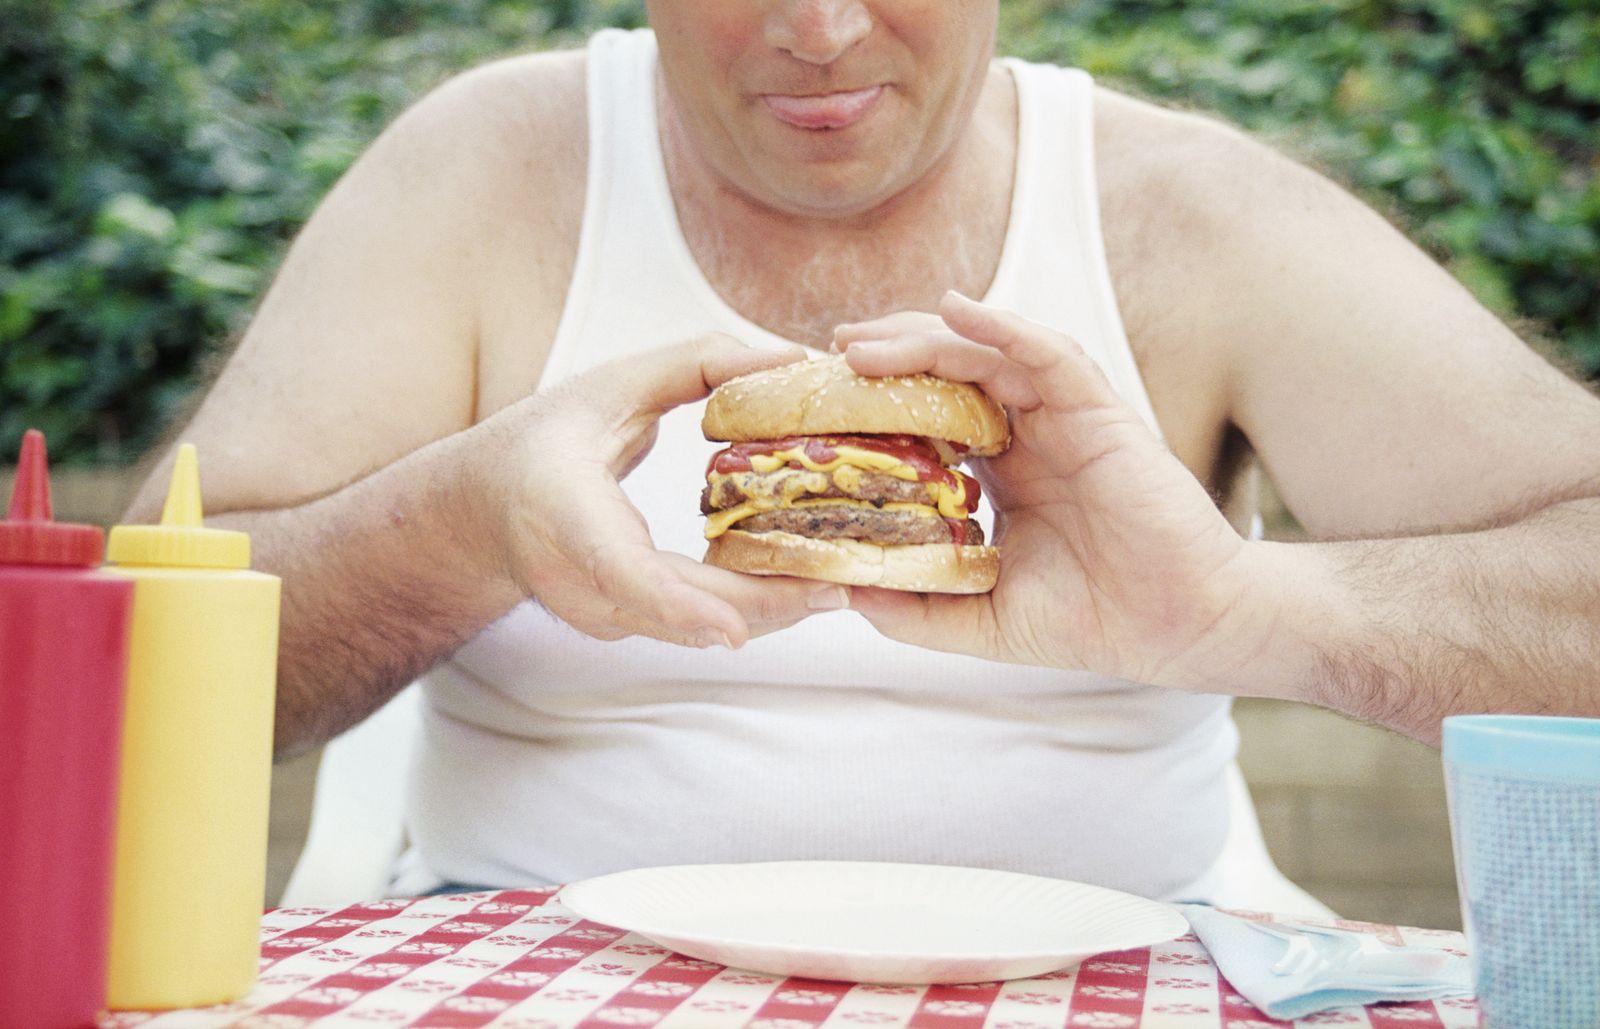 NICHT MEHR VERWENDEN! - BMI/ Übergewicht